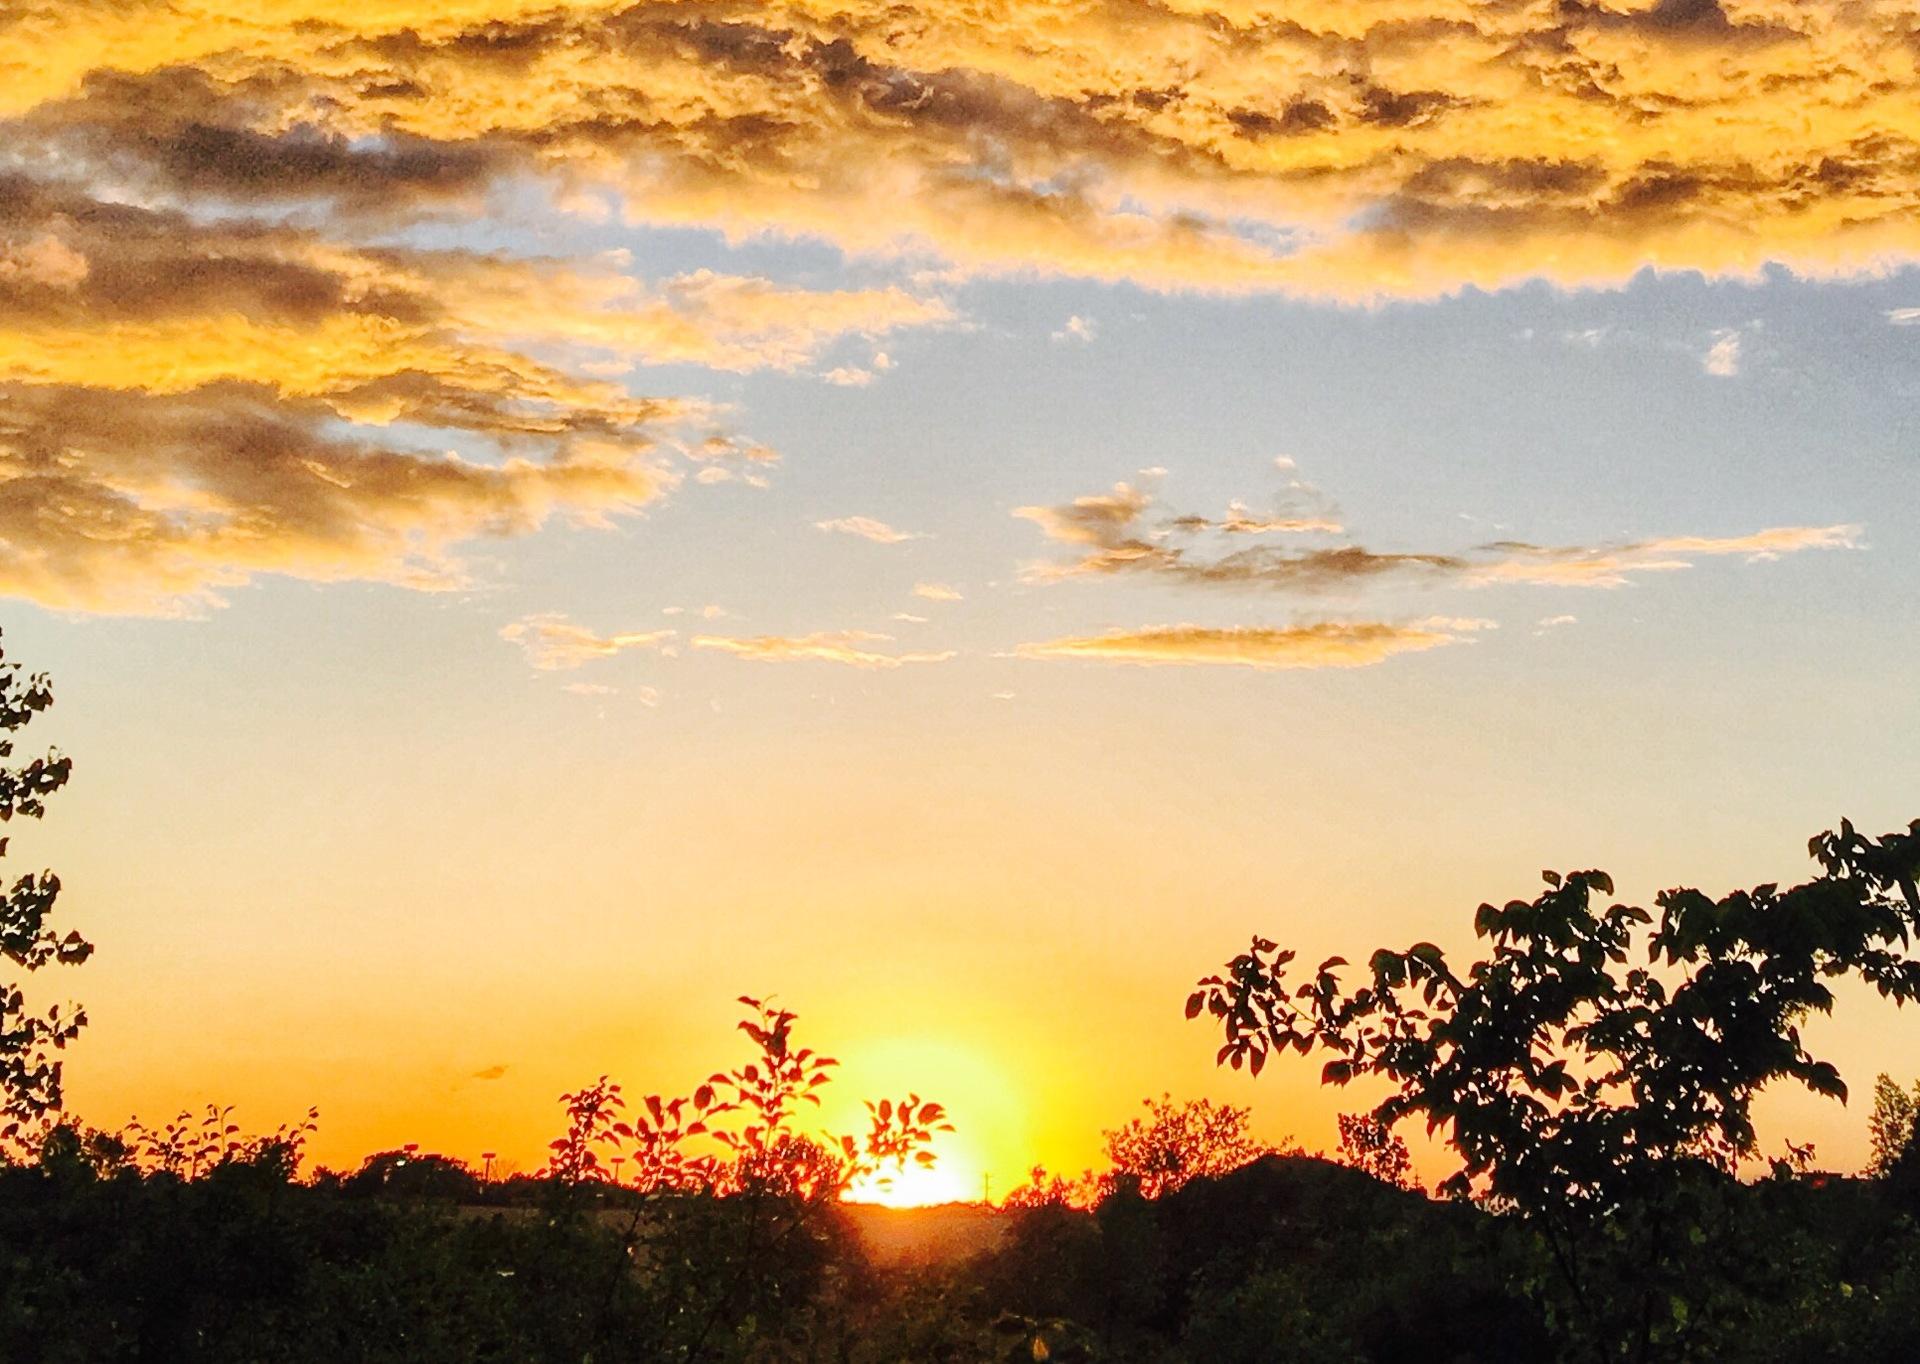 Sunset  | yili.cao, evening, landscape, nature